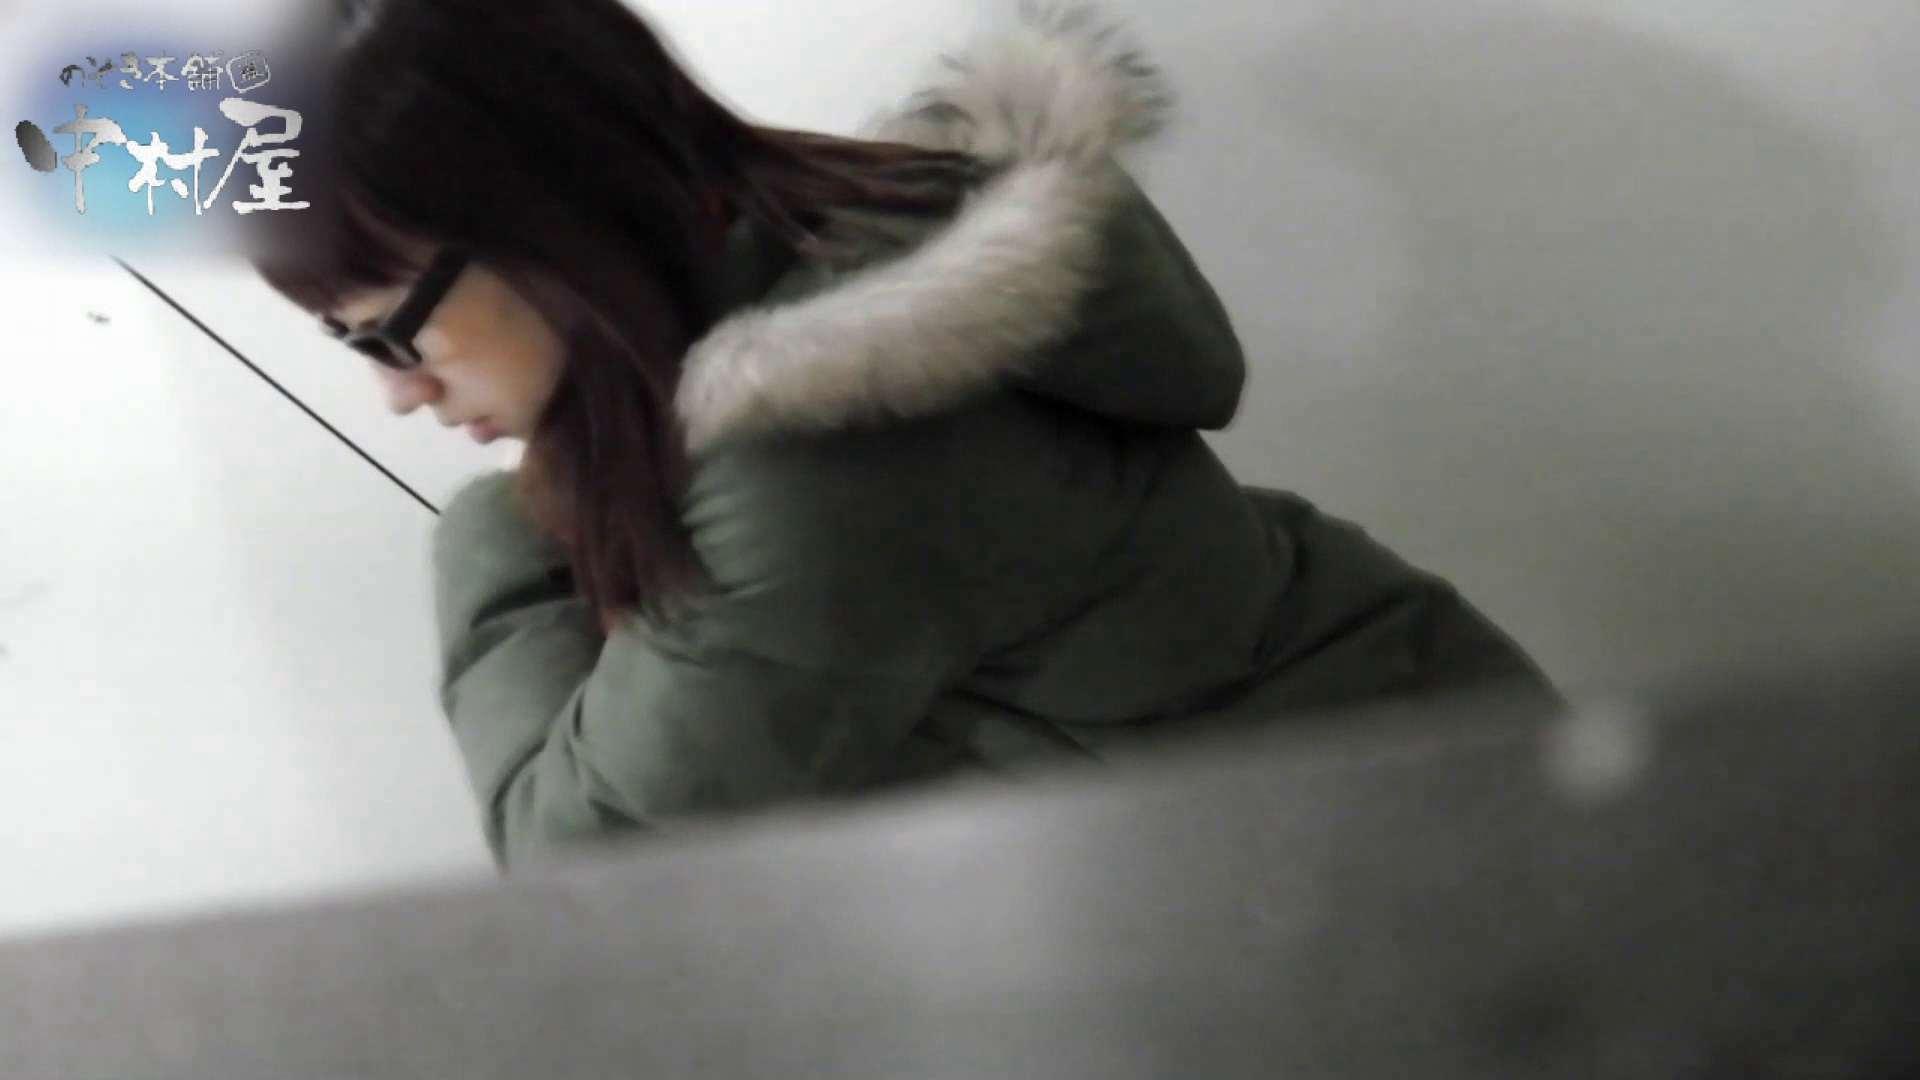 乙女集まる!ショッピングモール潜入撮vol.12 乙女 | トイレ  92画像 1